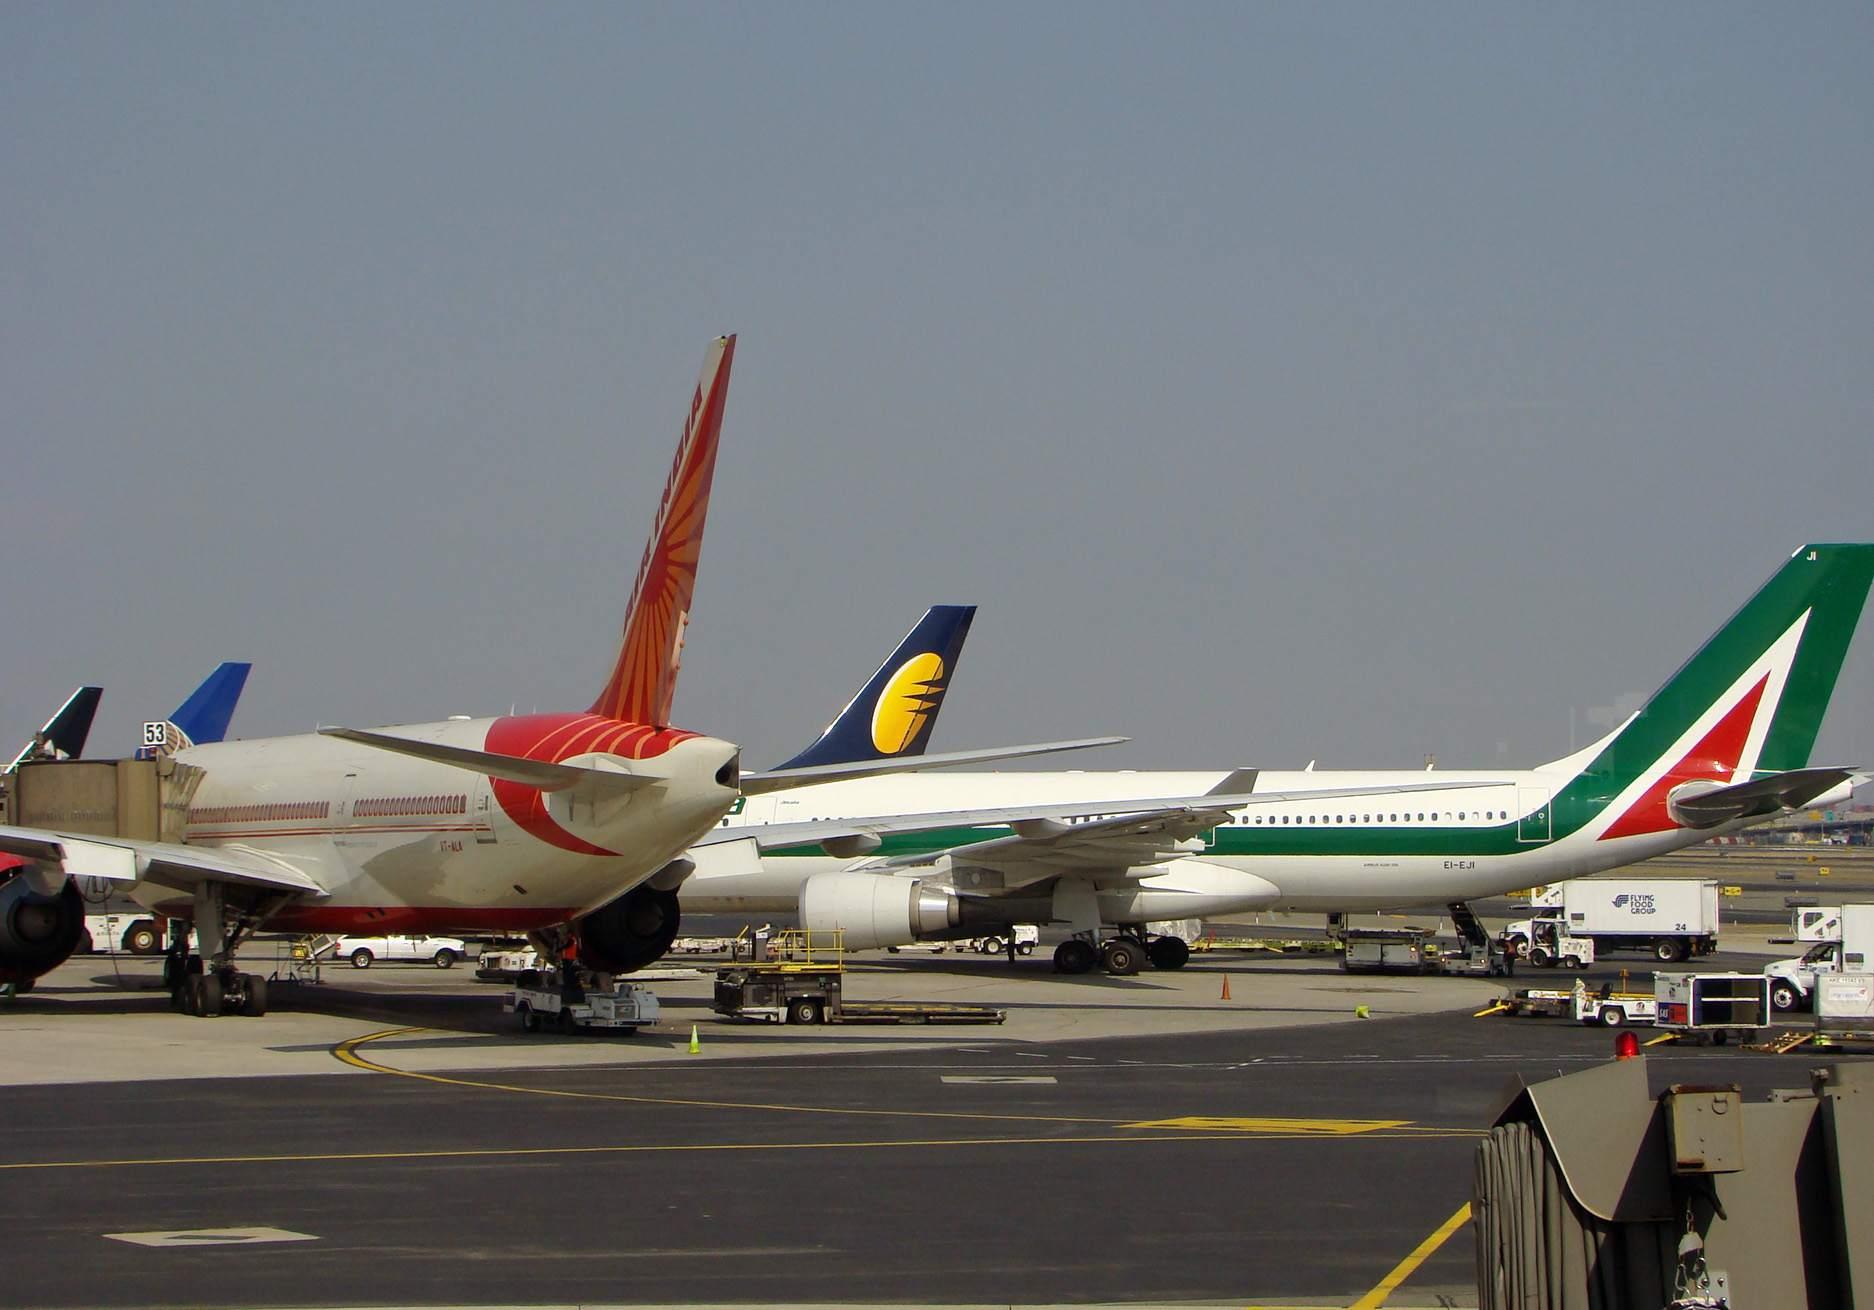 A busy tarmac at Newark Airport